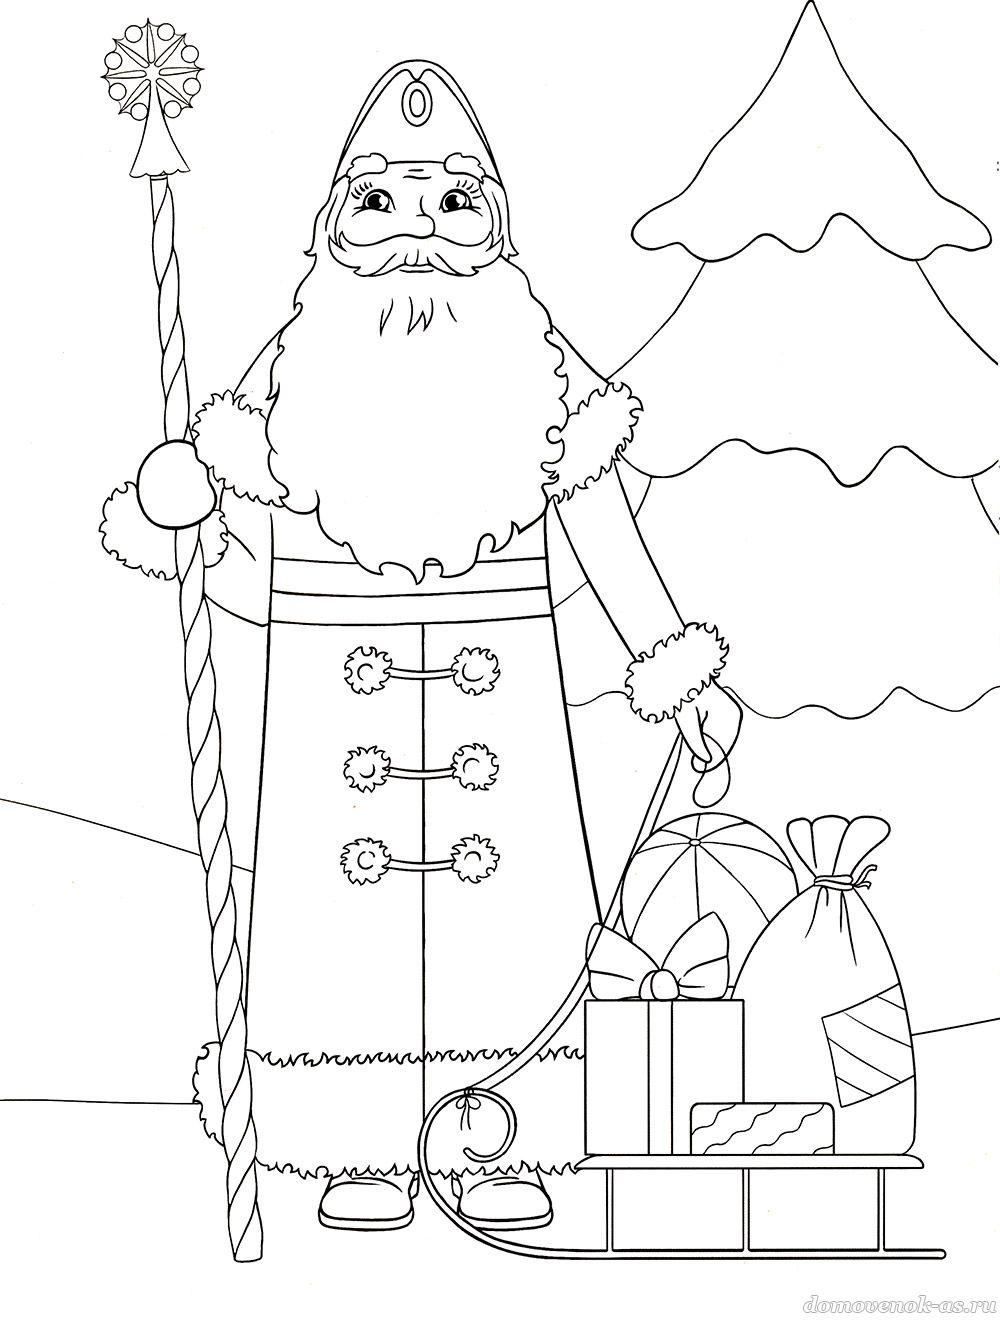 Новогодняя раскраска для детей 5-7 лет. Дед Мороз с подарками